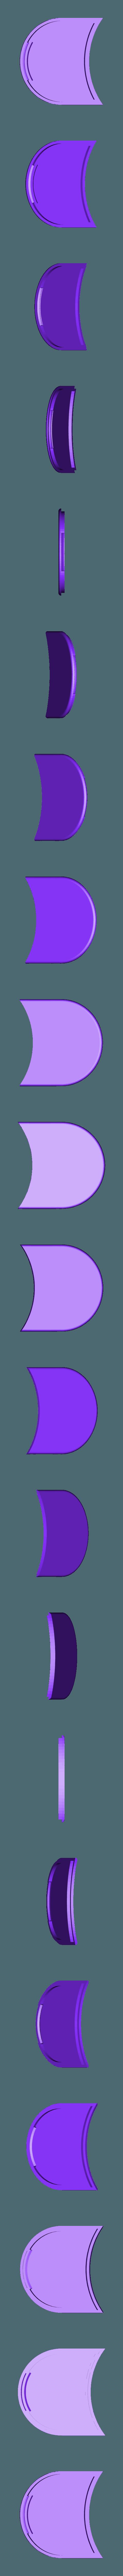 dice-lid.stl Télécharger fichier STL gratuit Rouleau à dés motorisé • Objet pour impression 3D, Adafruit